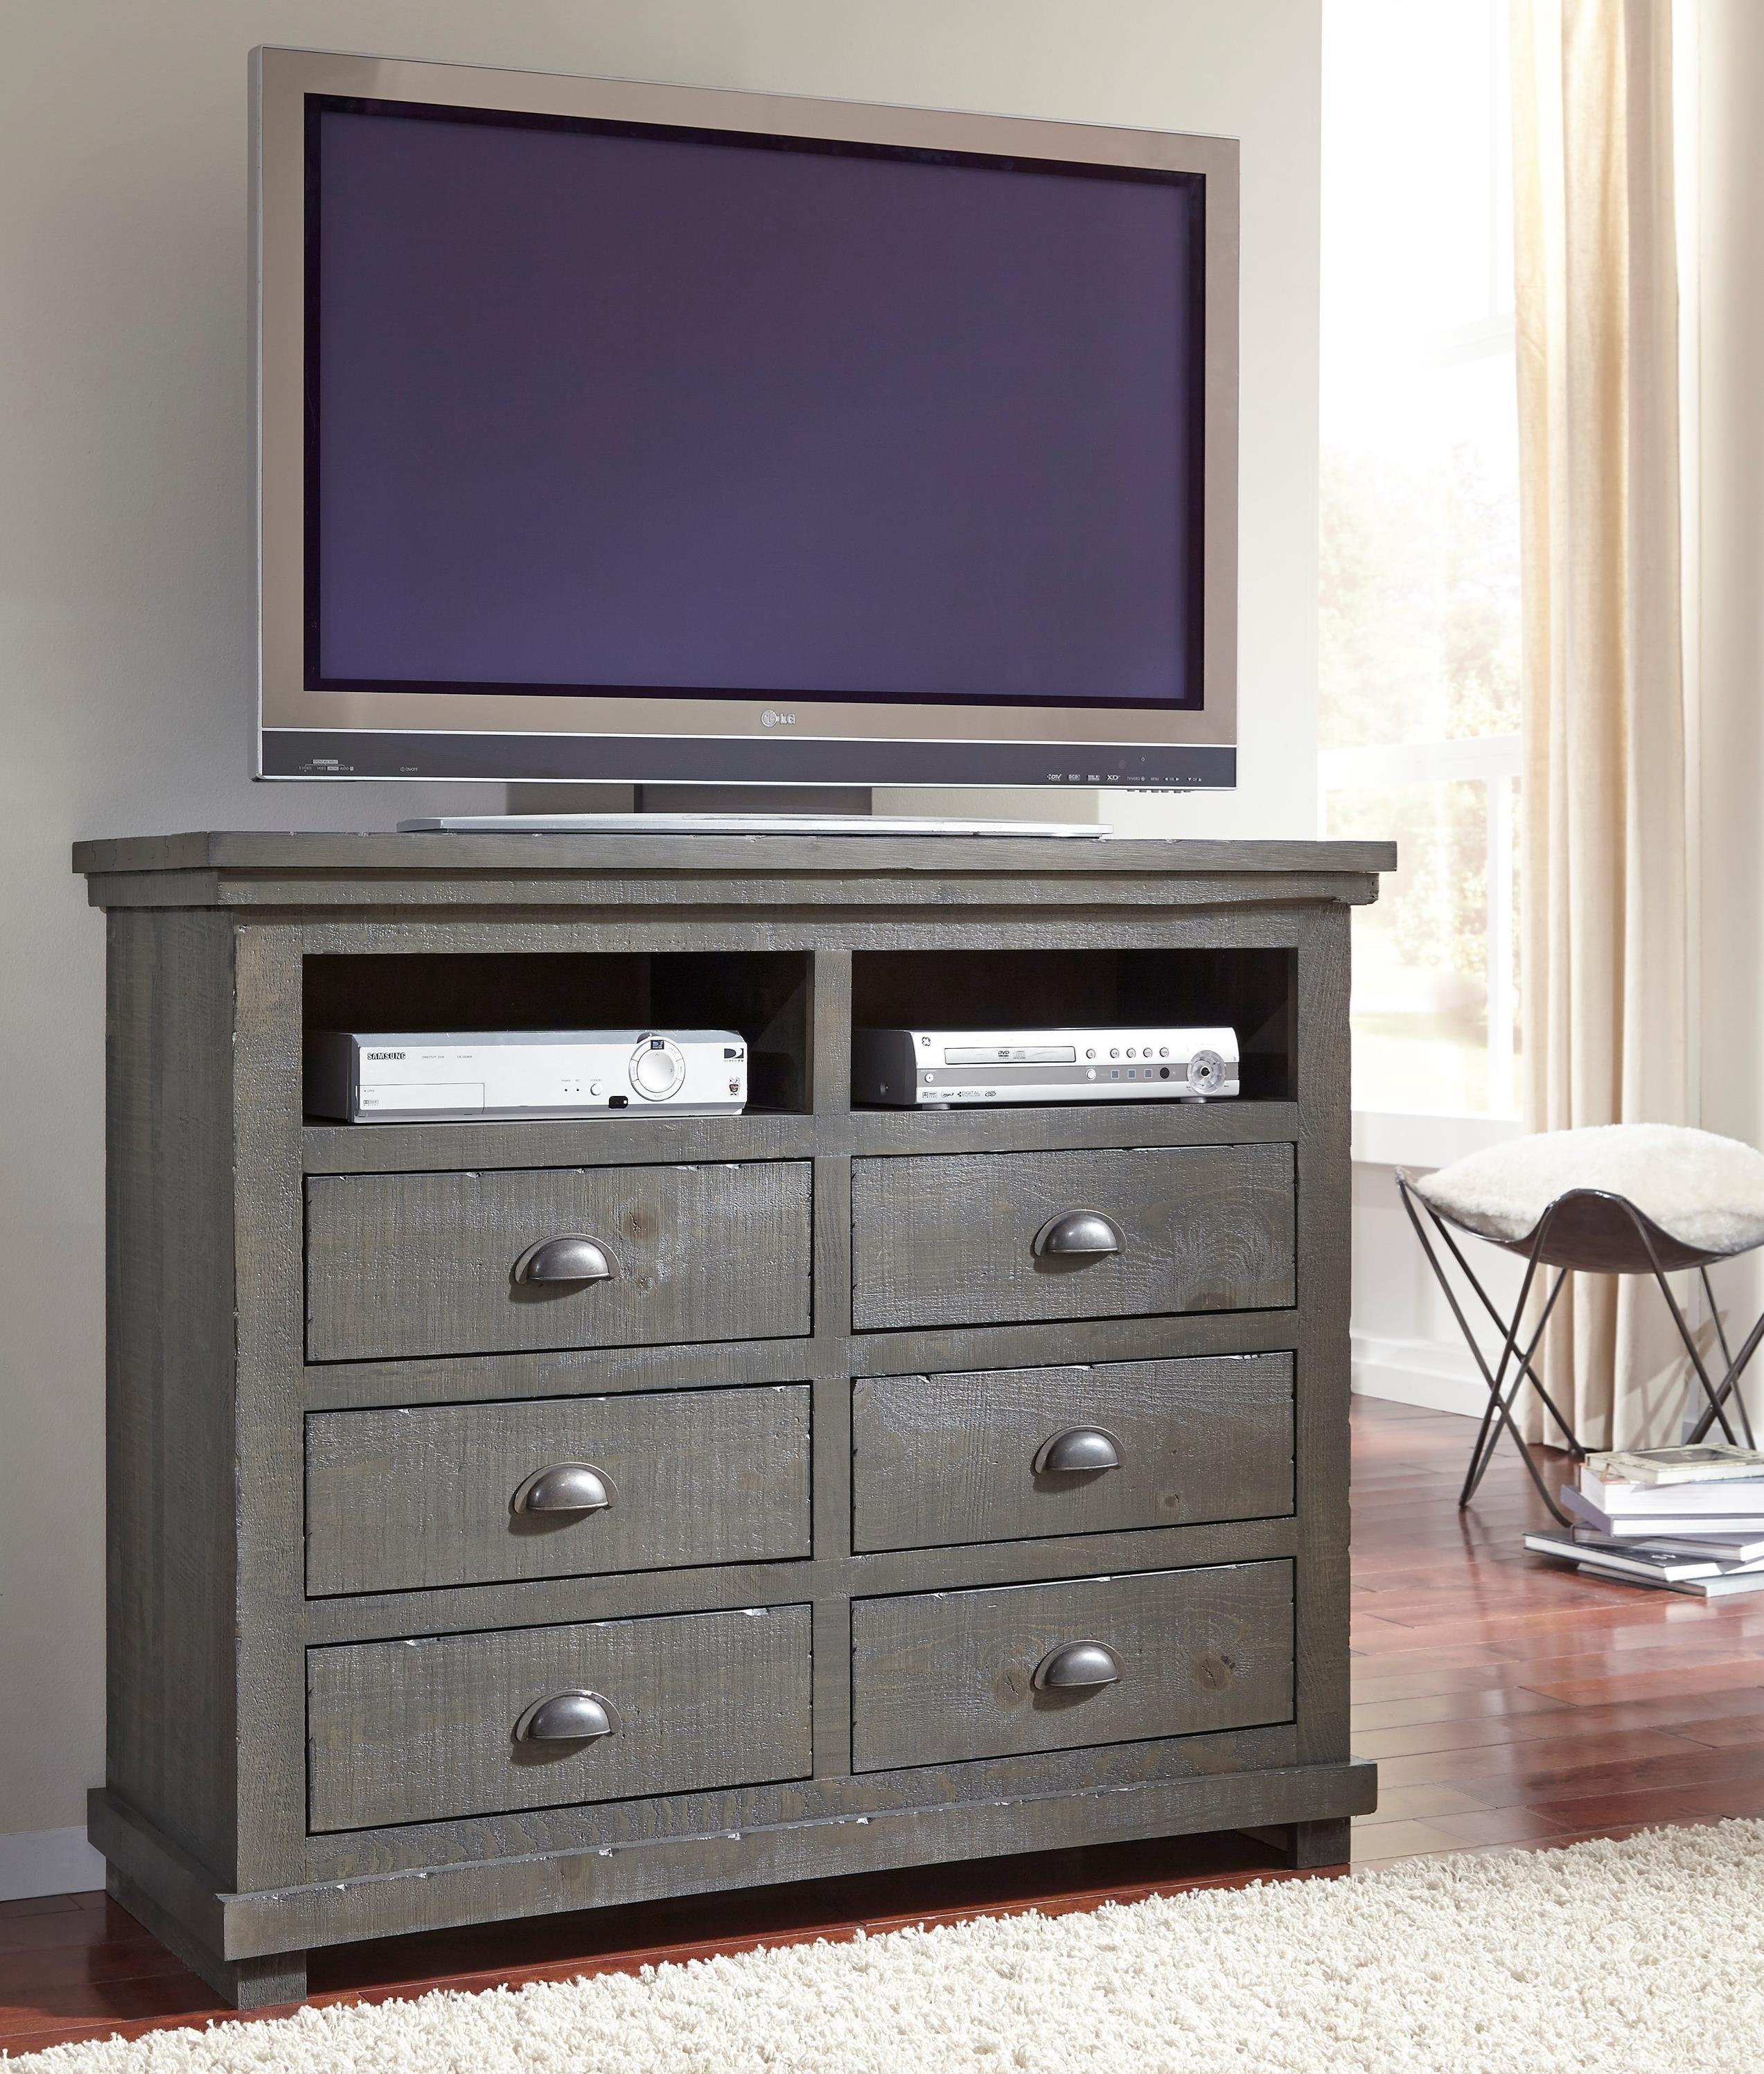 Progressive Furniture WillowMedia Chest